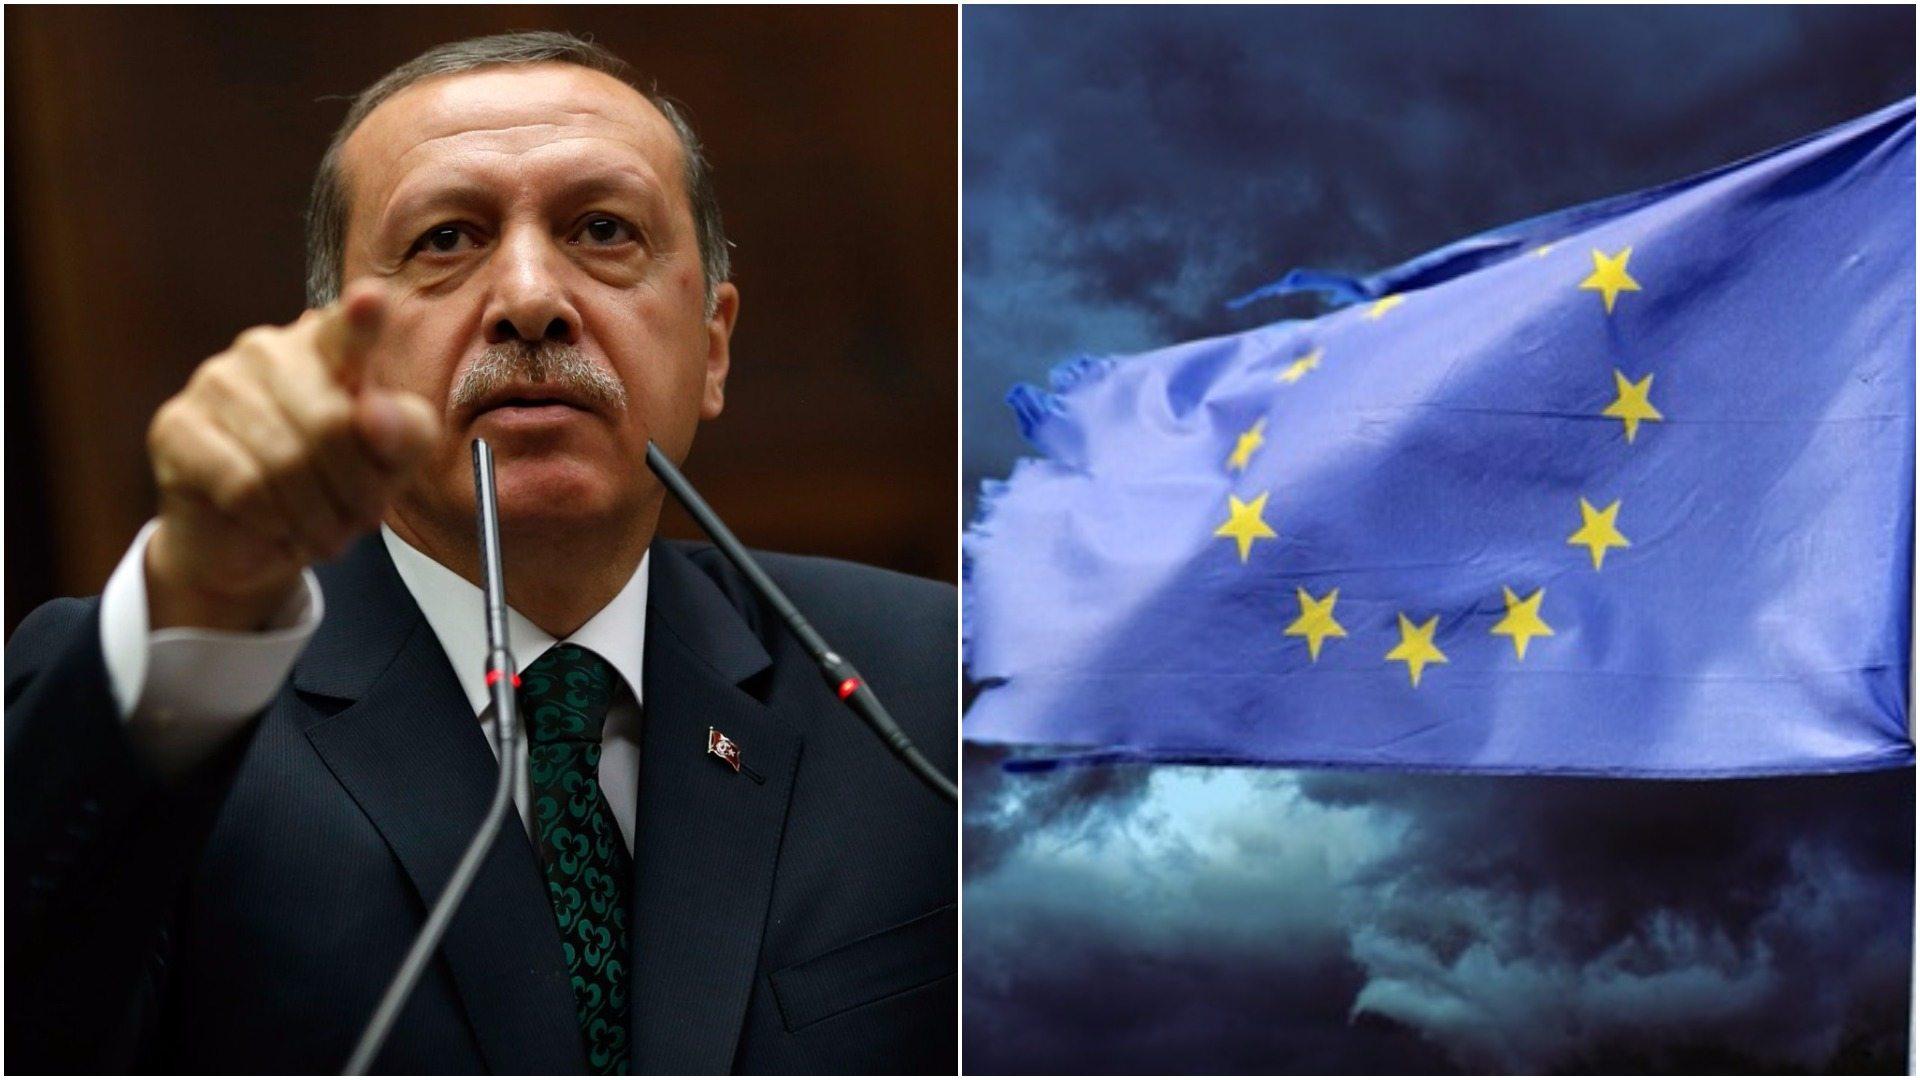 Turcja wściekła na UE. Znalazła sposób jak zmusić Europę do ustępstw